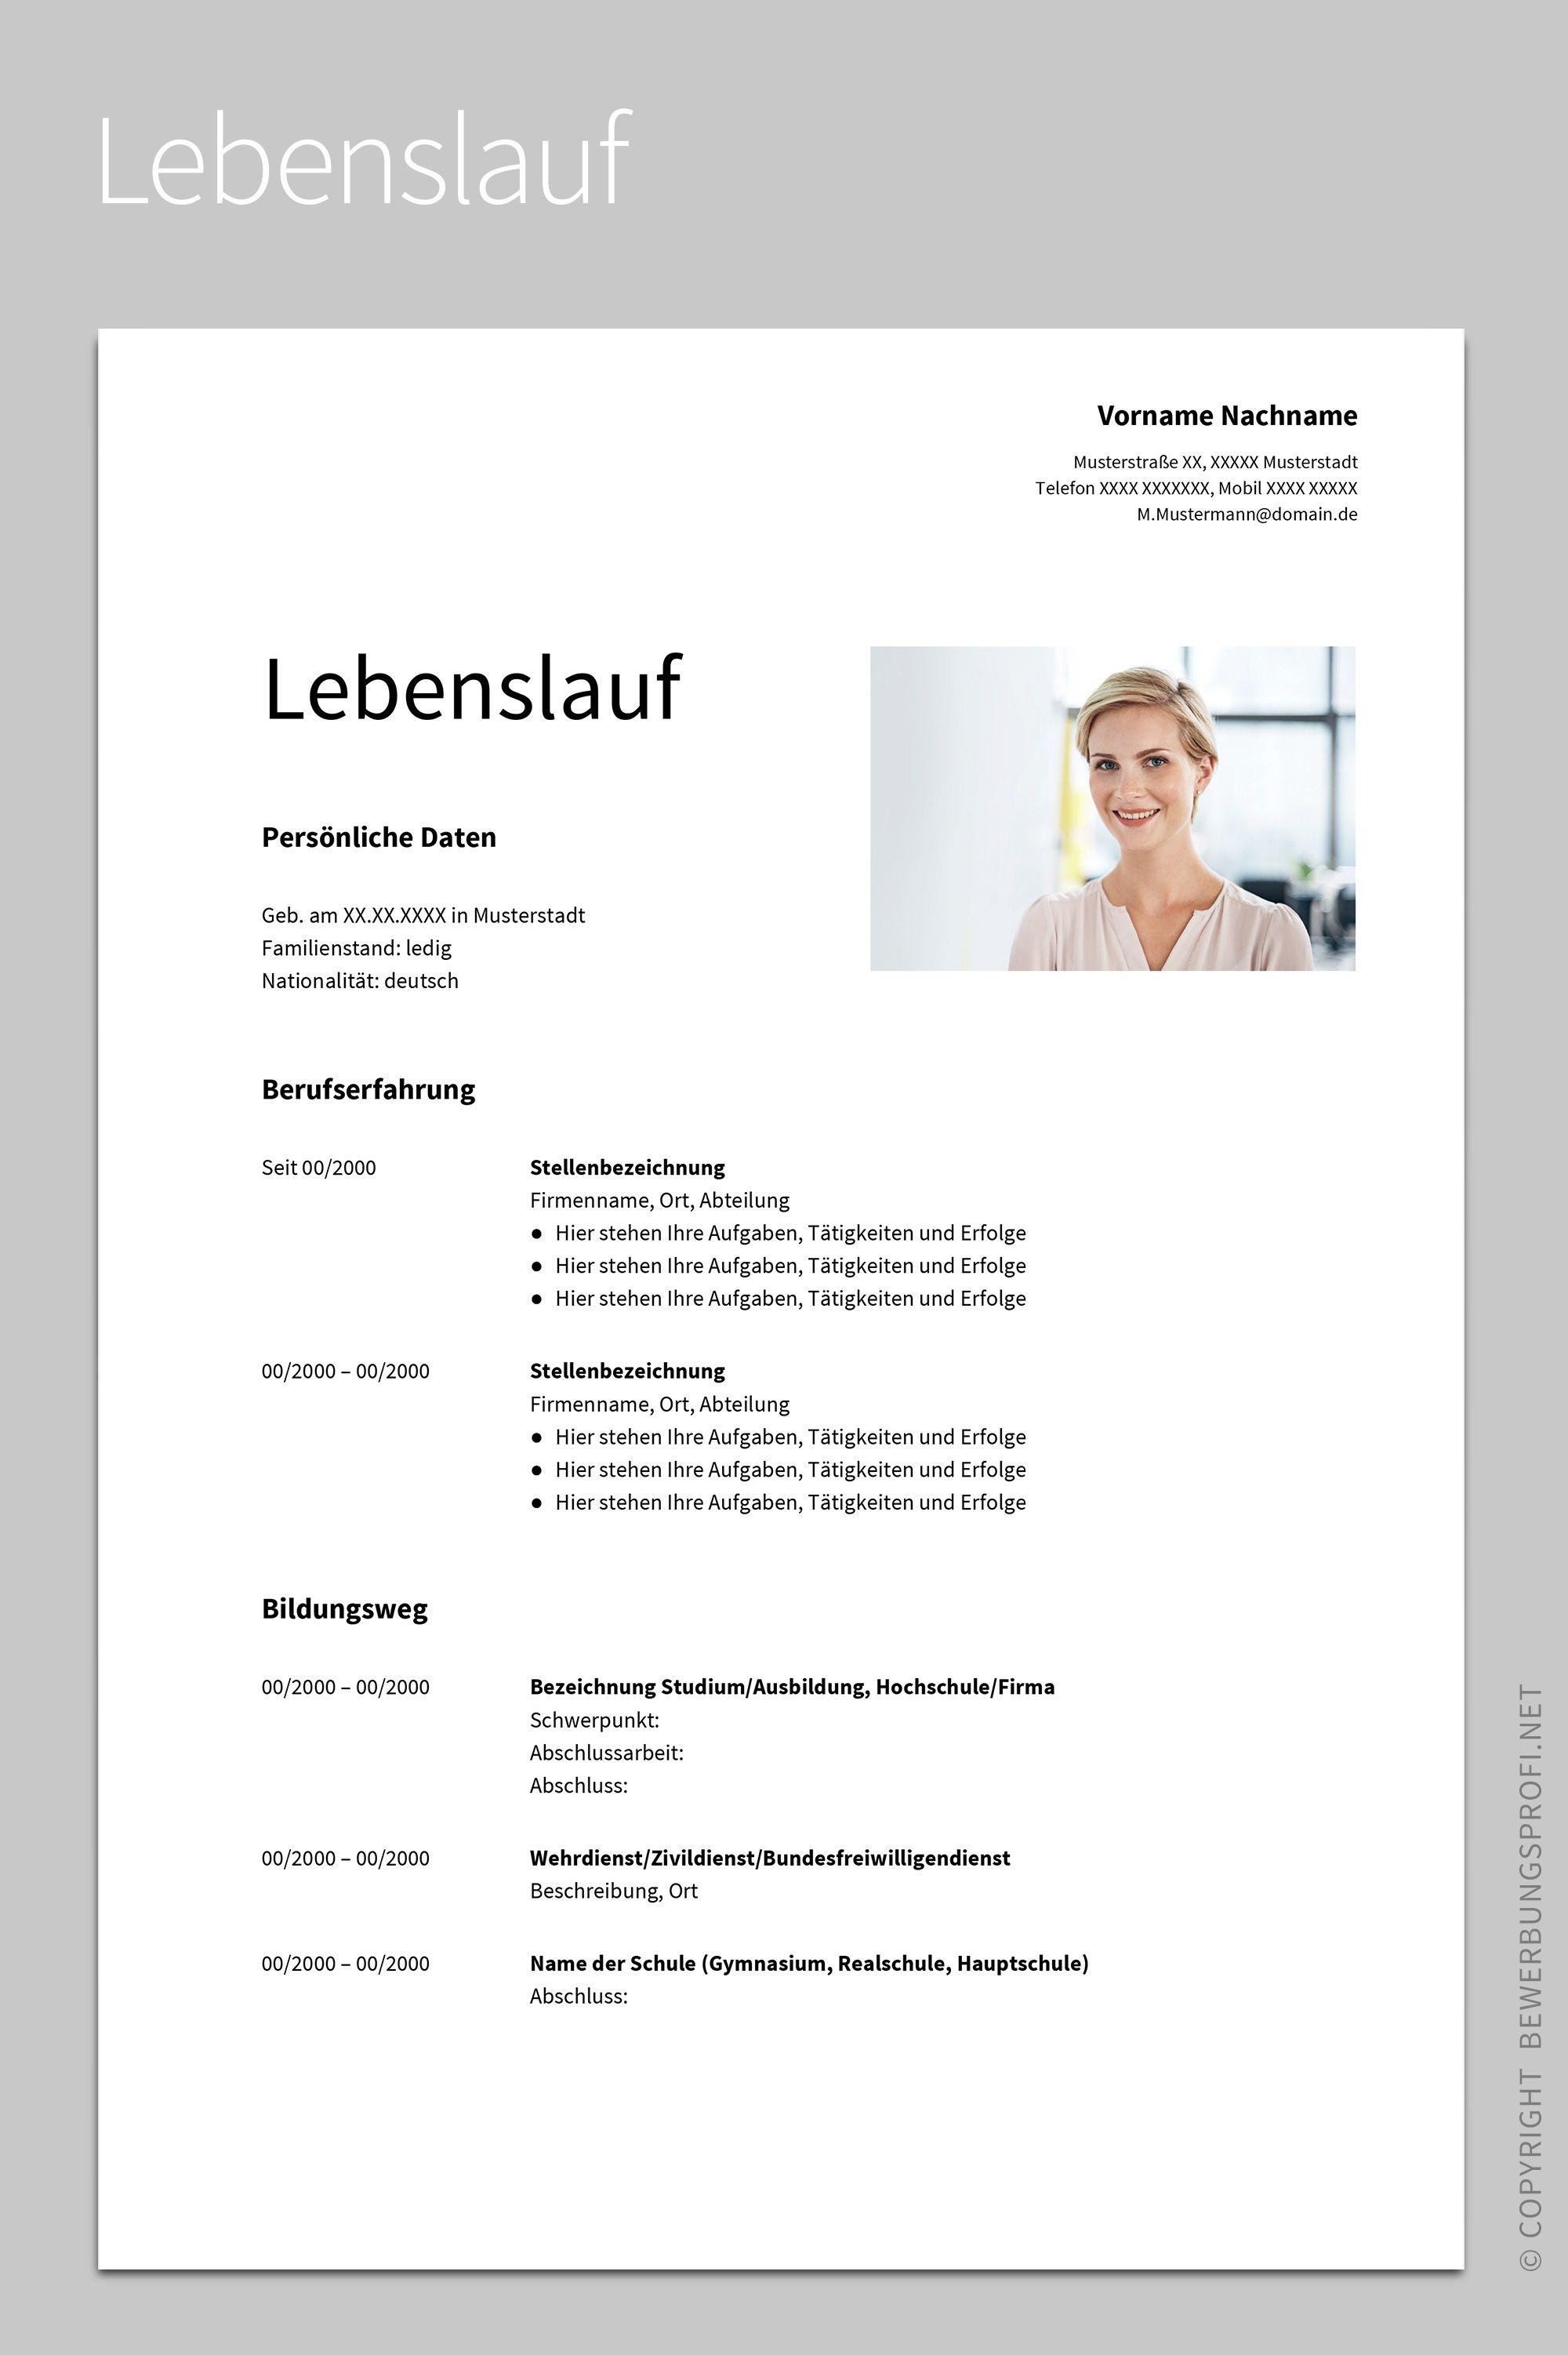 Lebenslauf 1 Albus Lebenslauf Lebenslauf Design Vorlage Lebenslauf Design